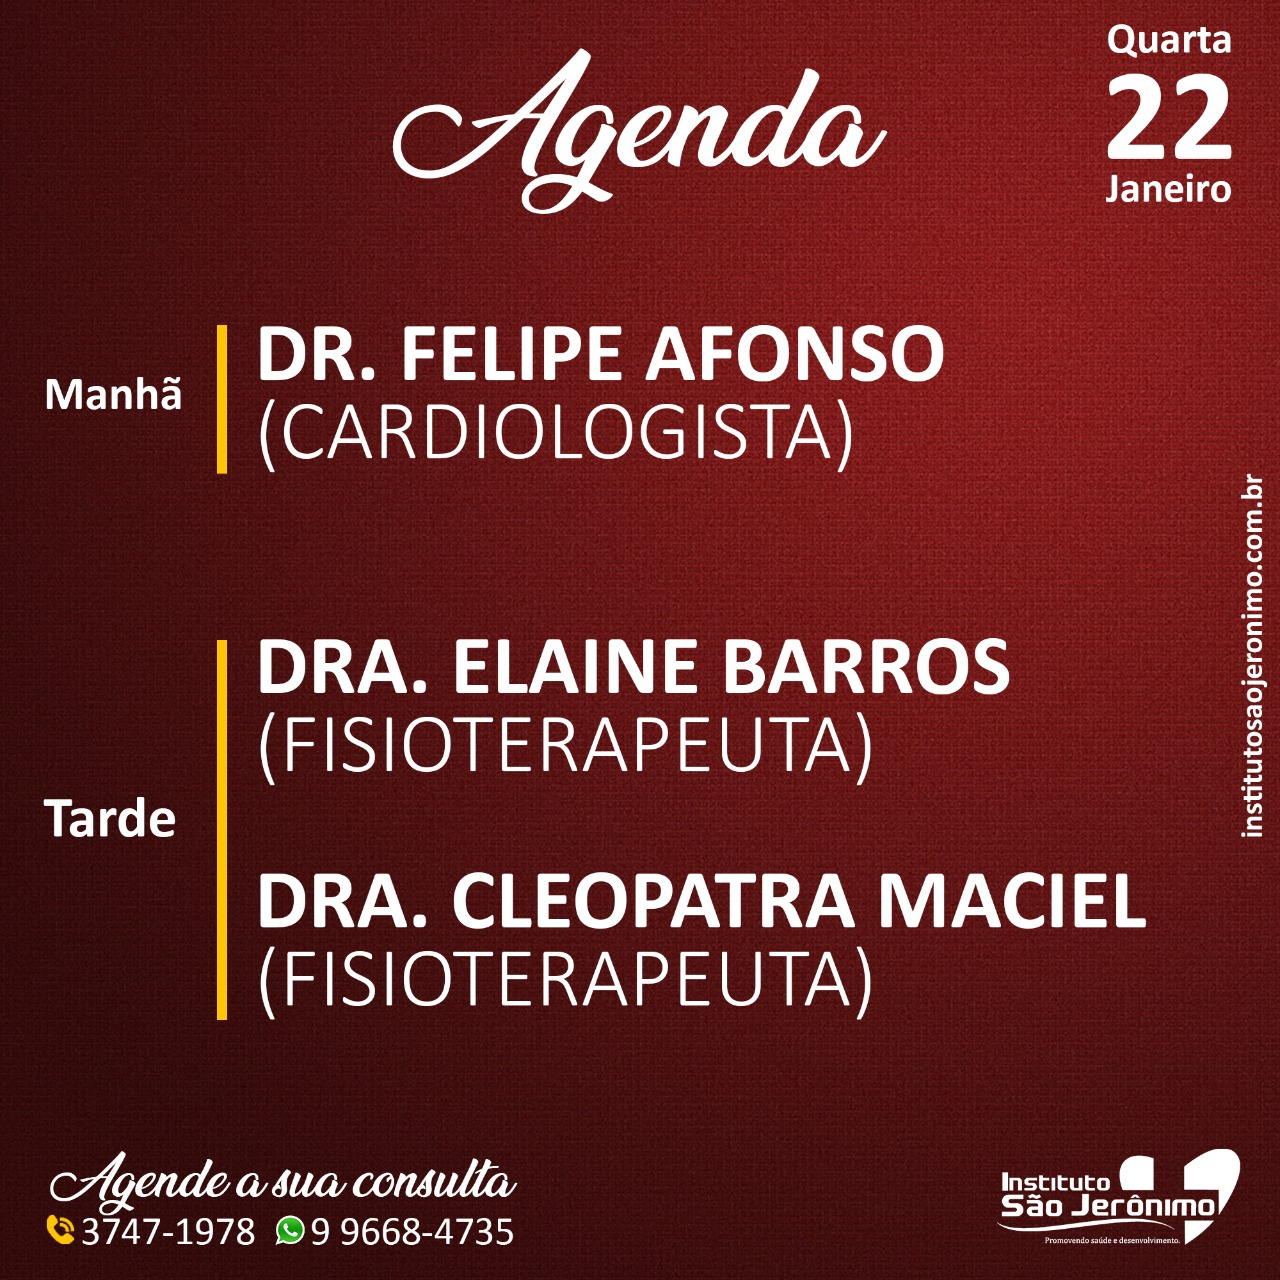 Agenda Instituto São Jerônimo